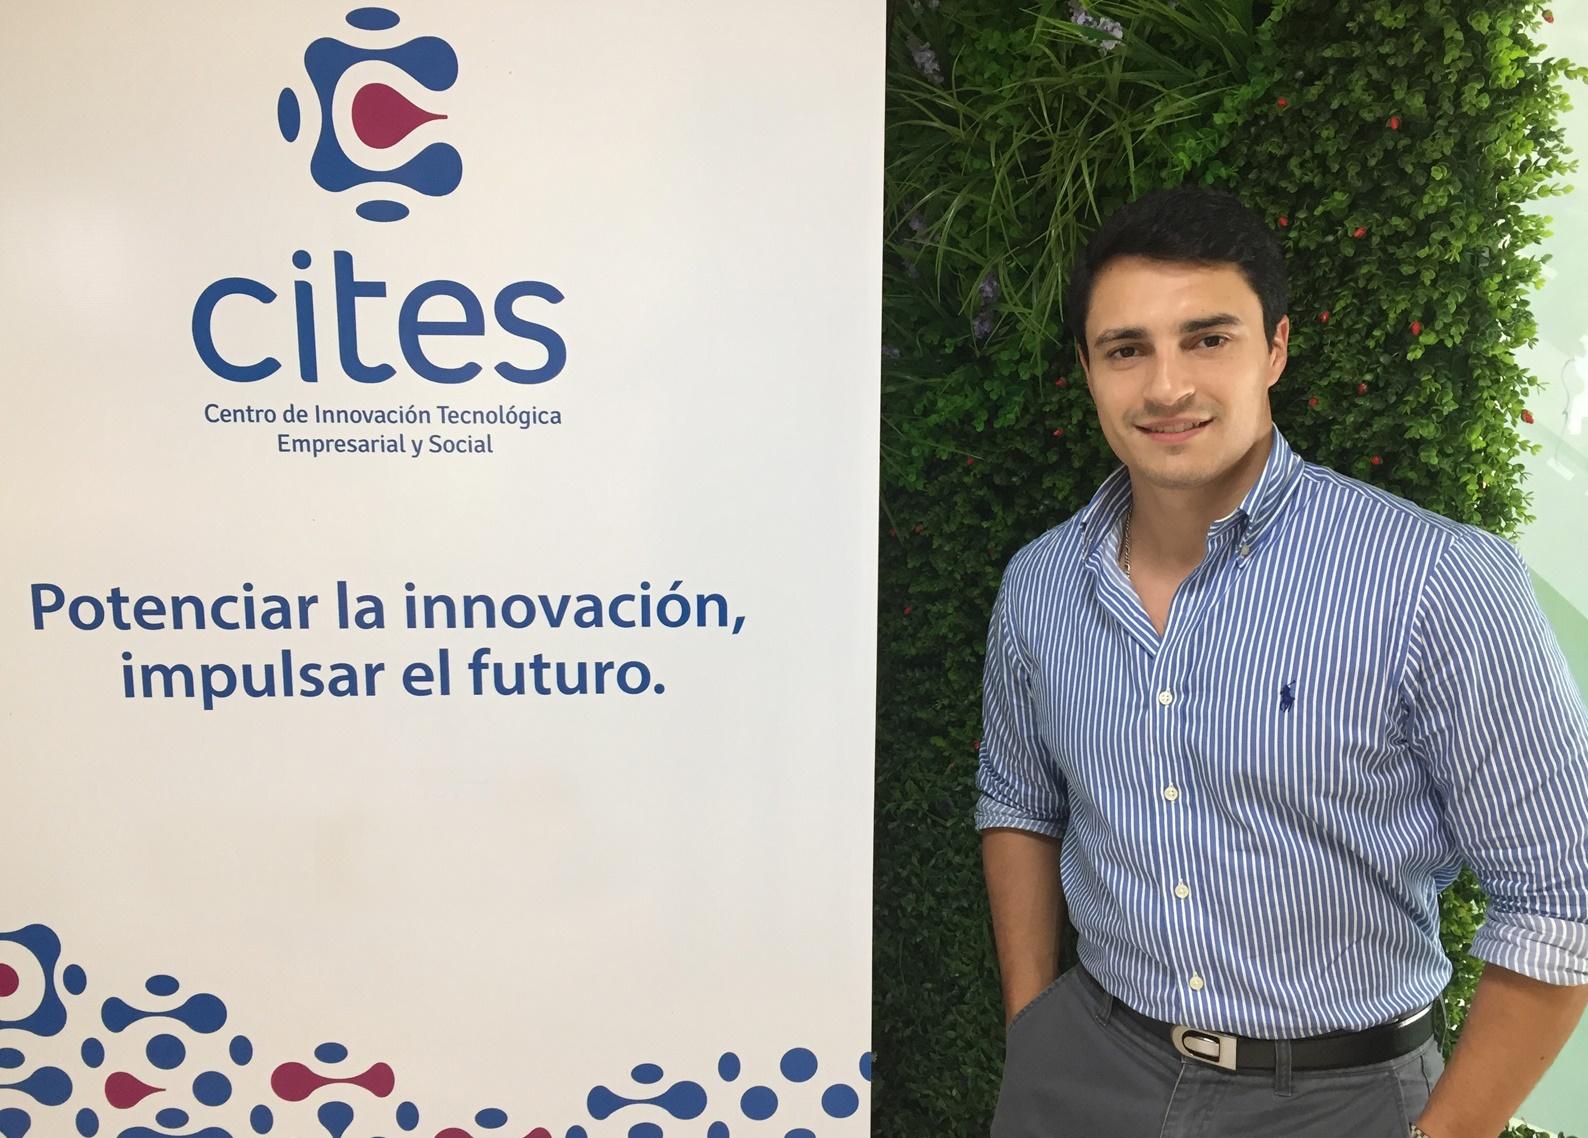 Esntrevista a Nicolás Tambucho, graduado de Biotecnología